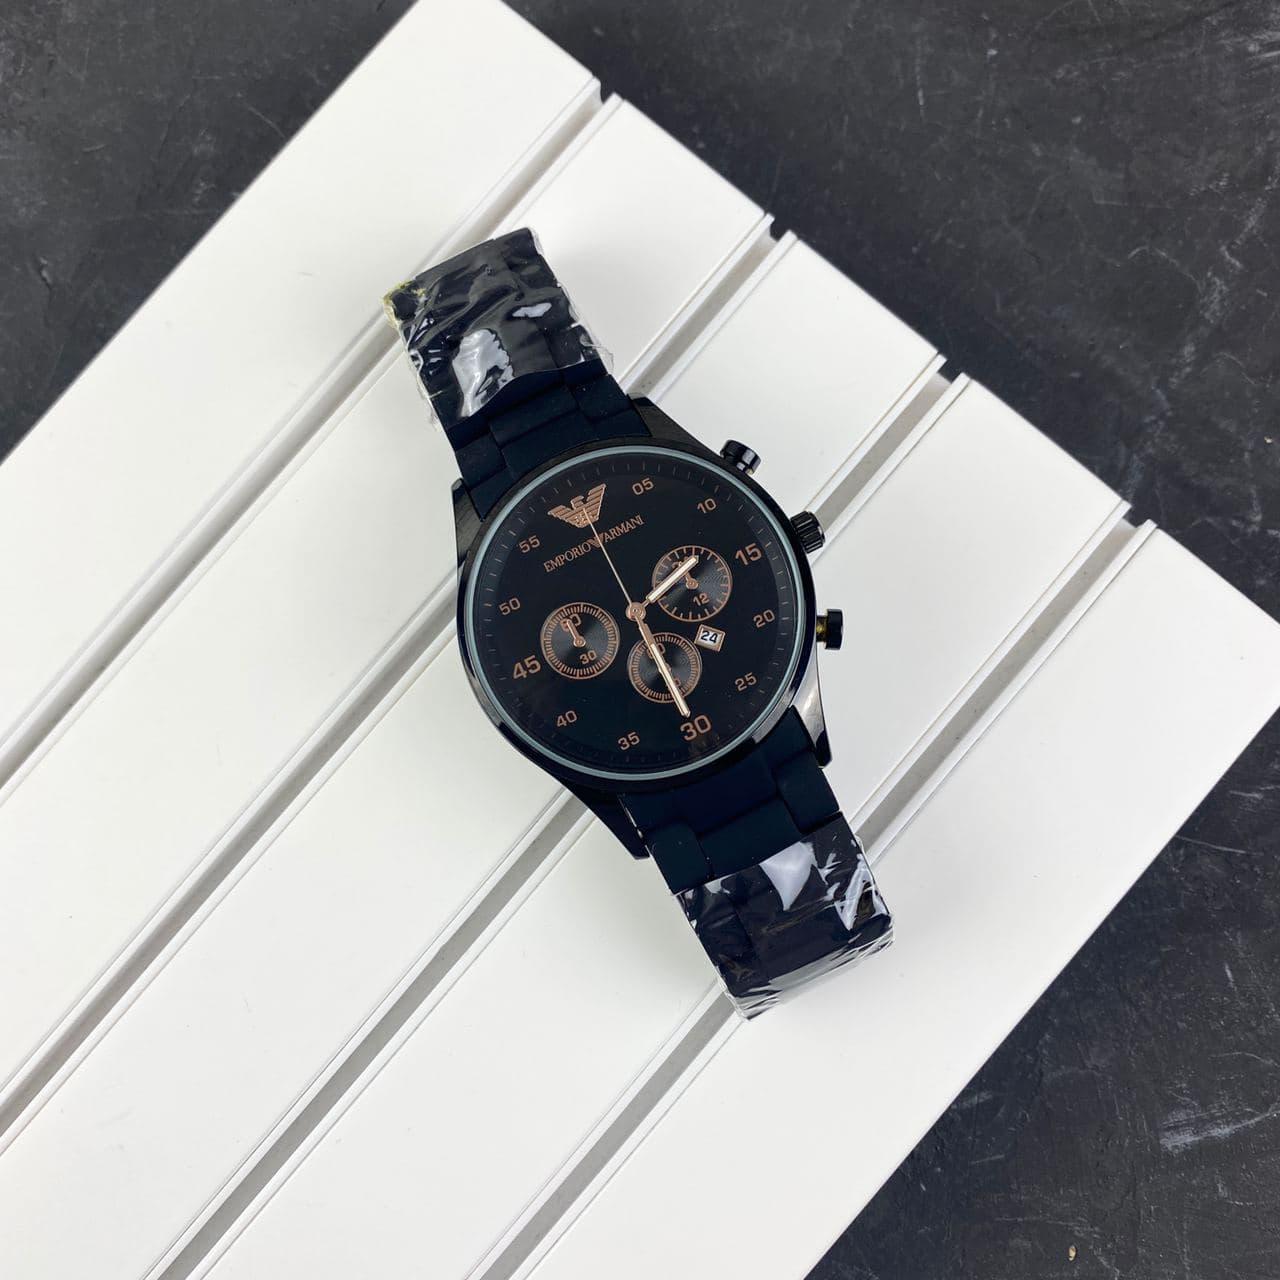 Мужские наручные часы Emporio Armani Silicone 068 Black-Cuprum